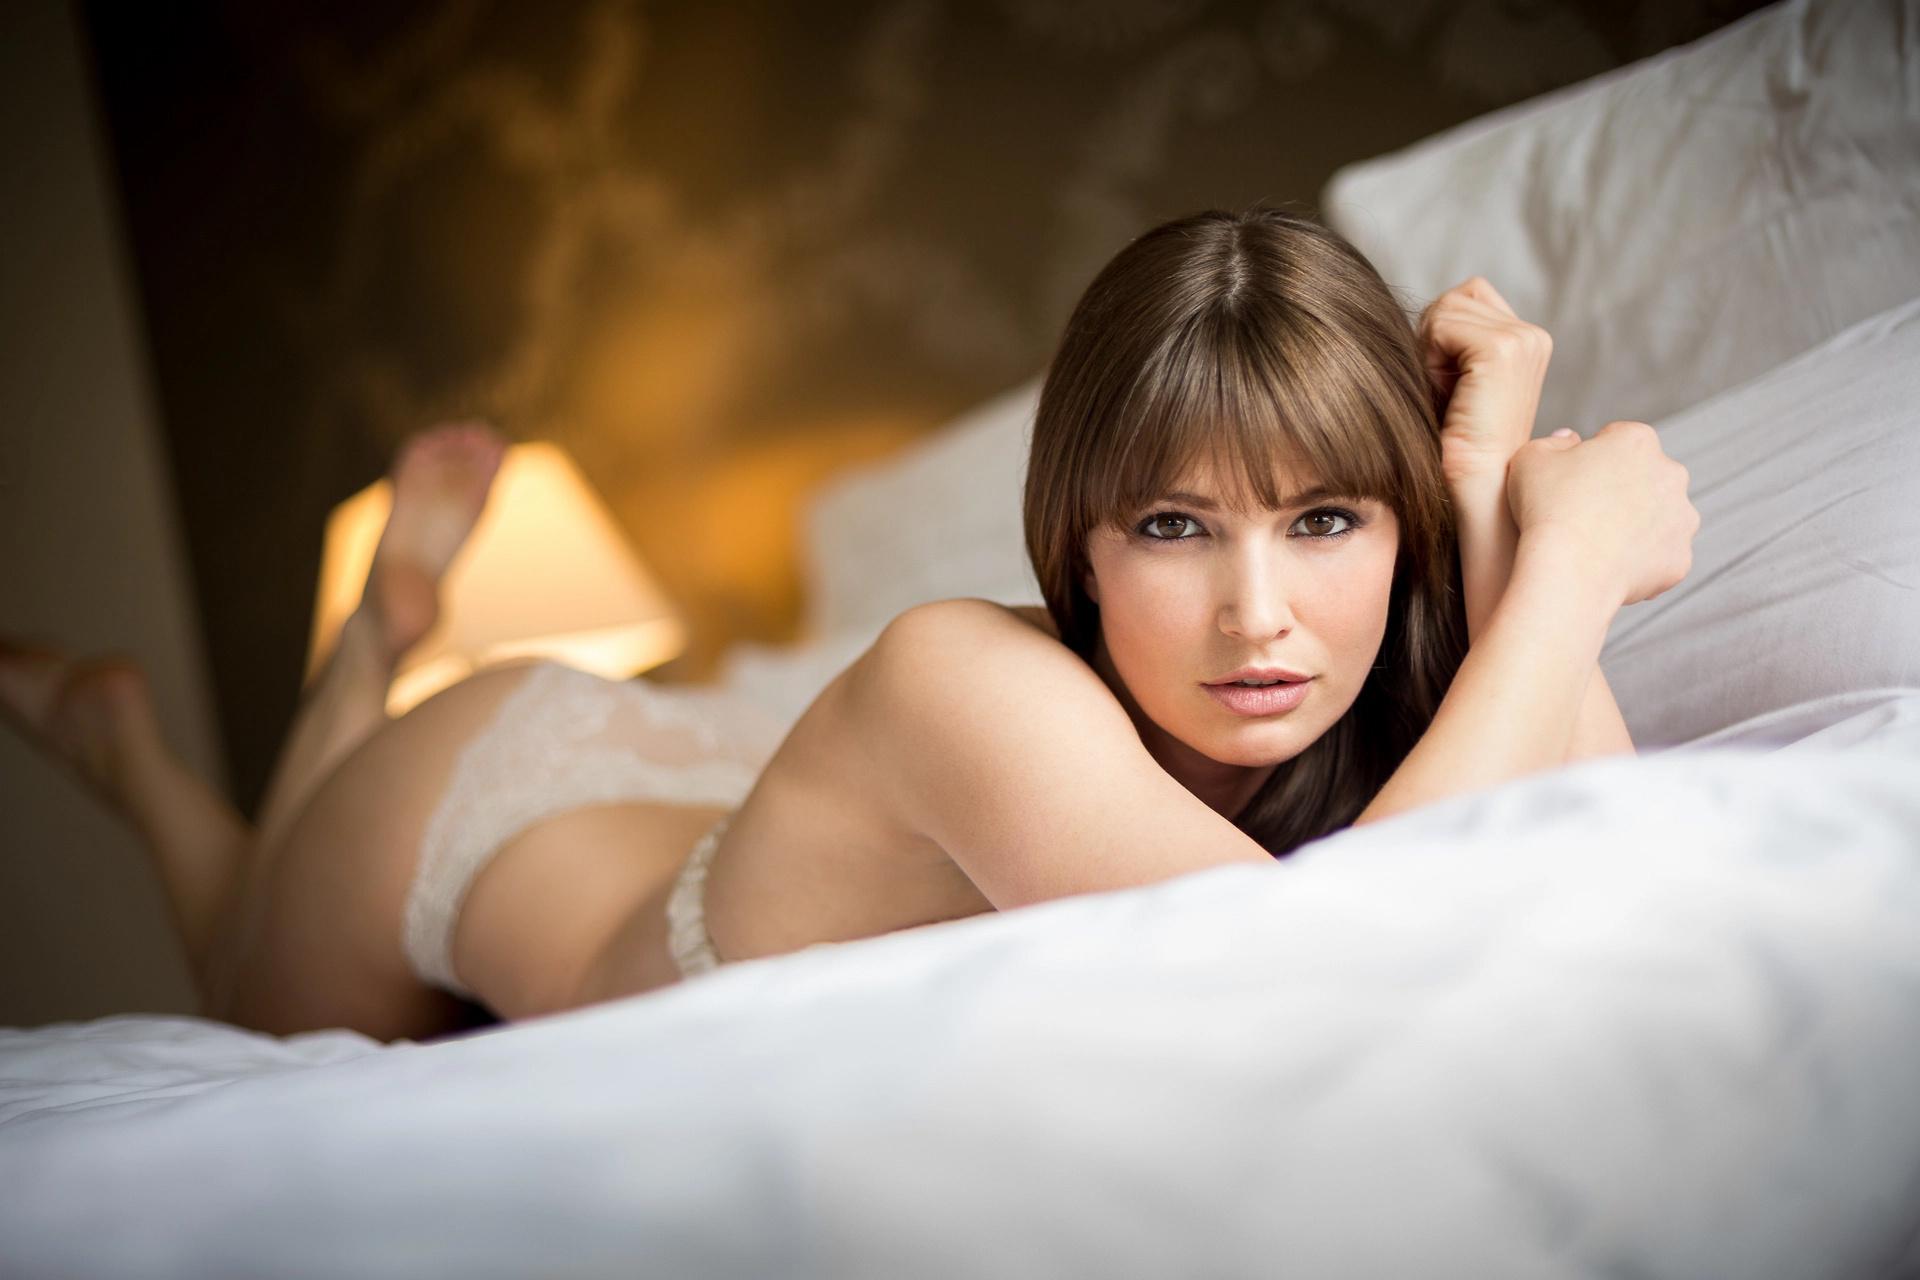 Татарки в постели эстет, крокодилы